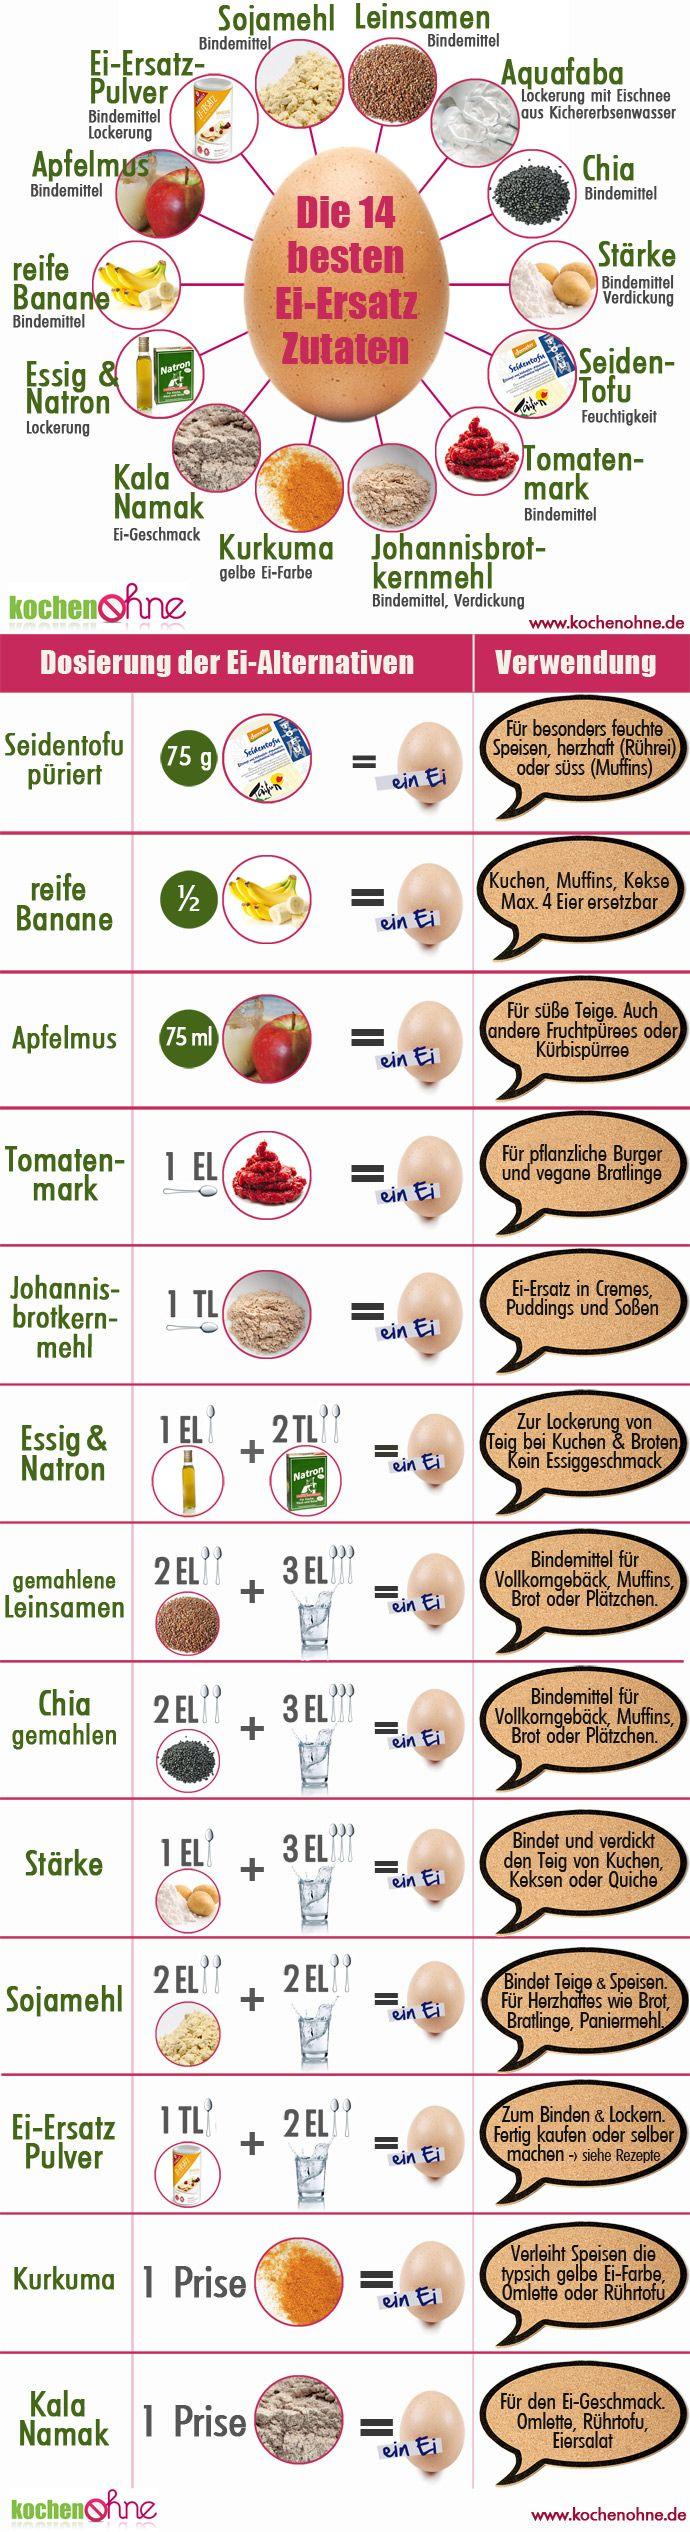 Die besten Ei-Ersatz-Zutaten beim Backen ohne Ei | kochenOHNE